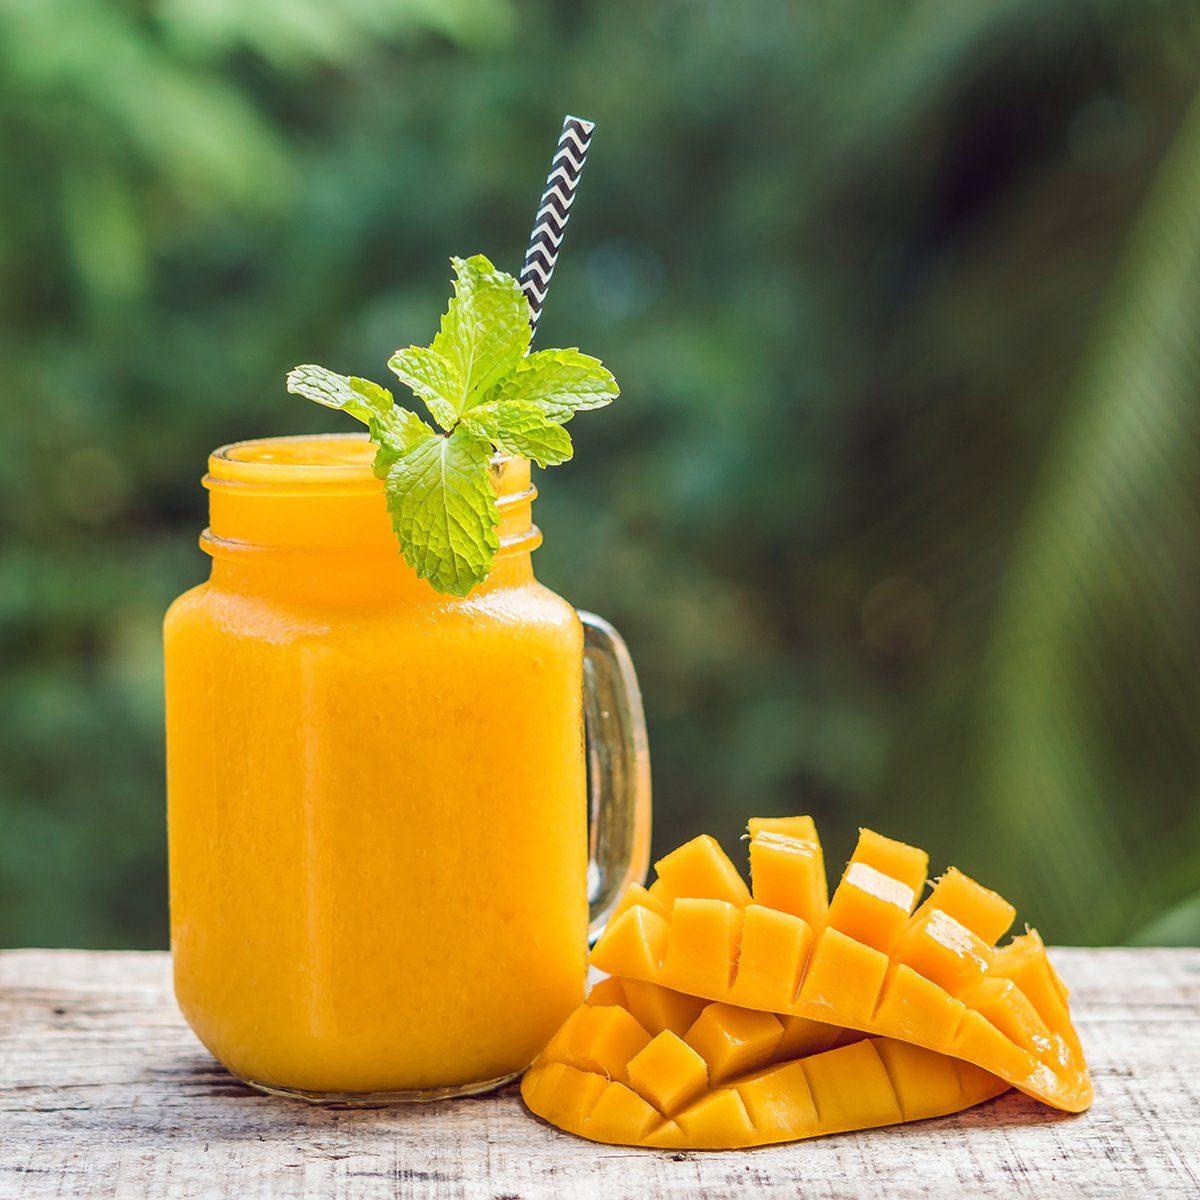 Mango smoothie in a glass Mason jar